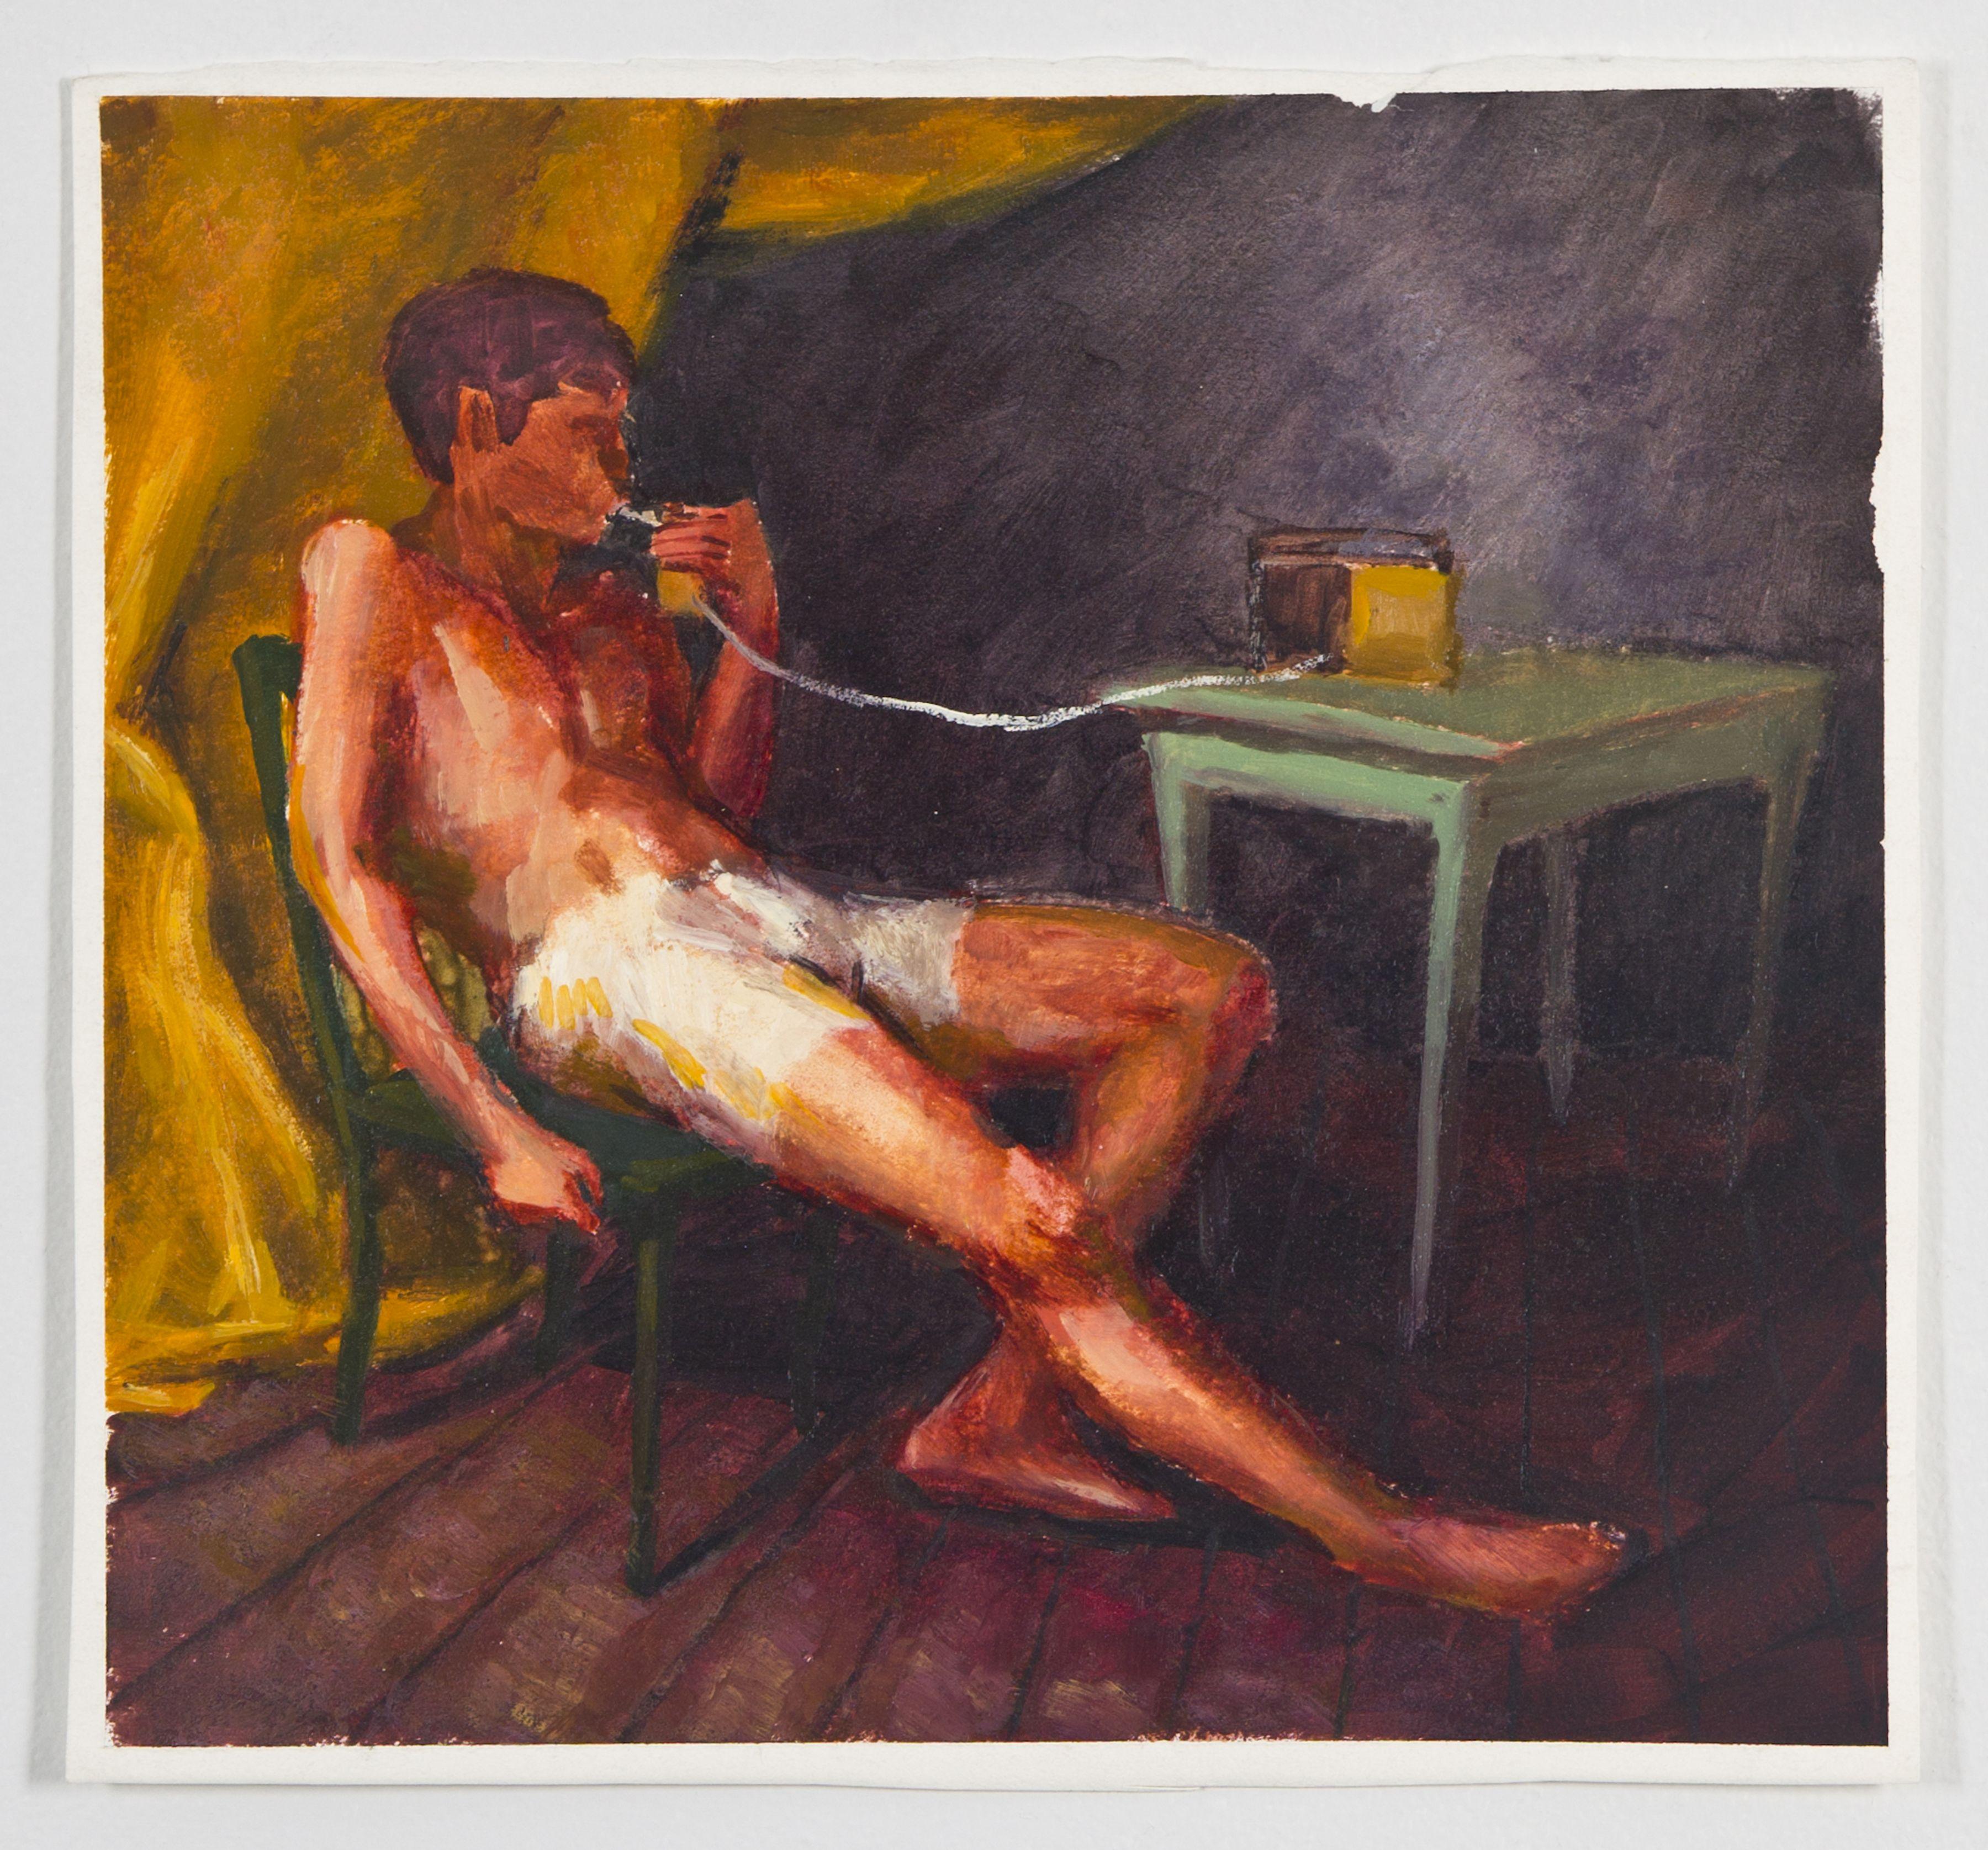 Hugh Steers, Breathalyzer, 1989